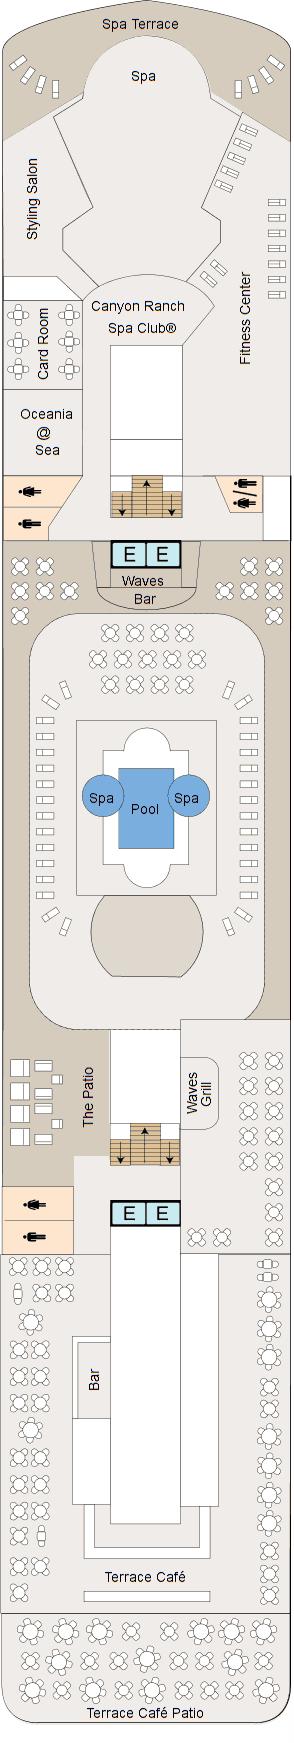 MS Regatta - Deck 9